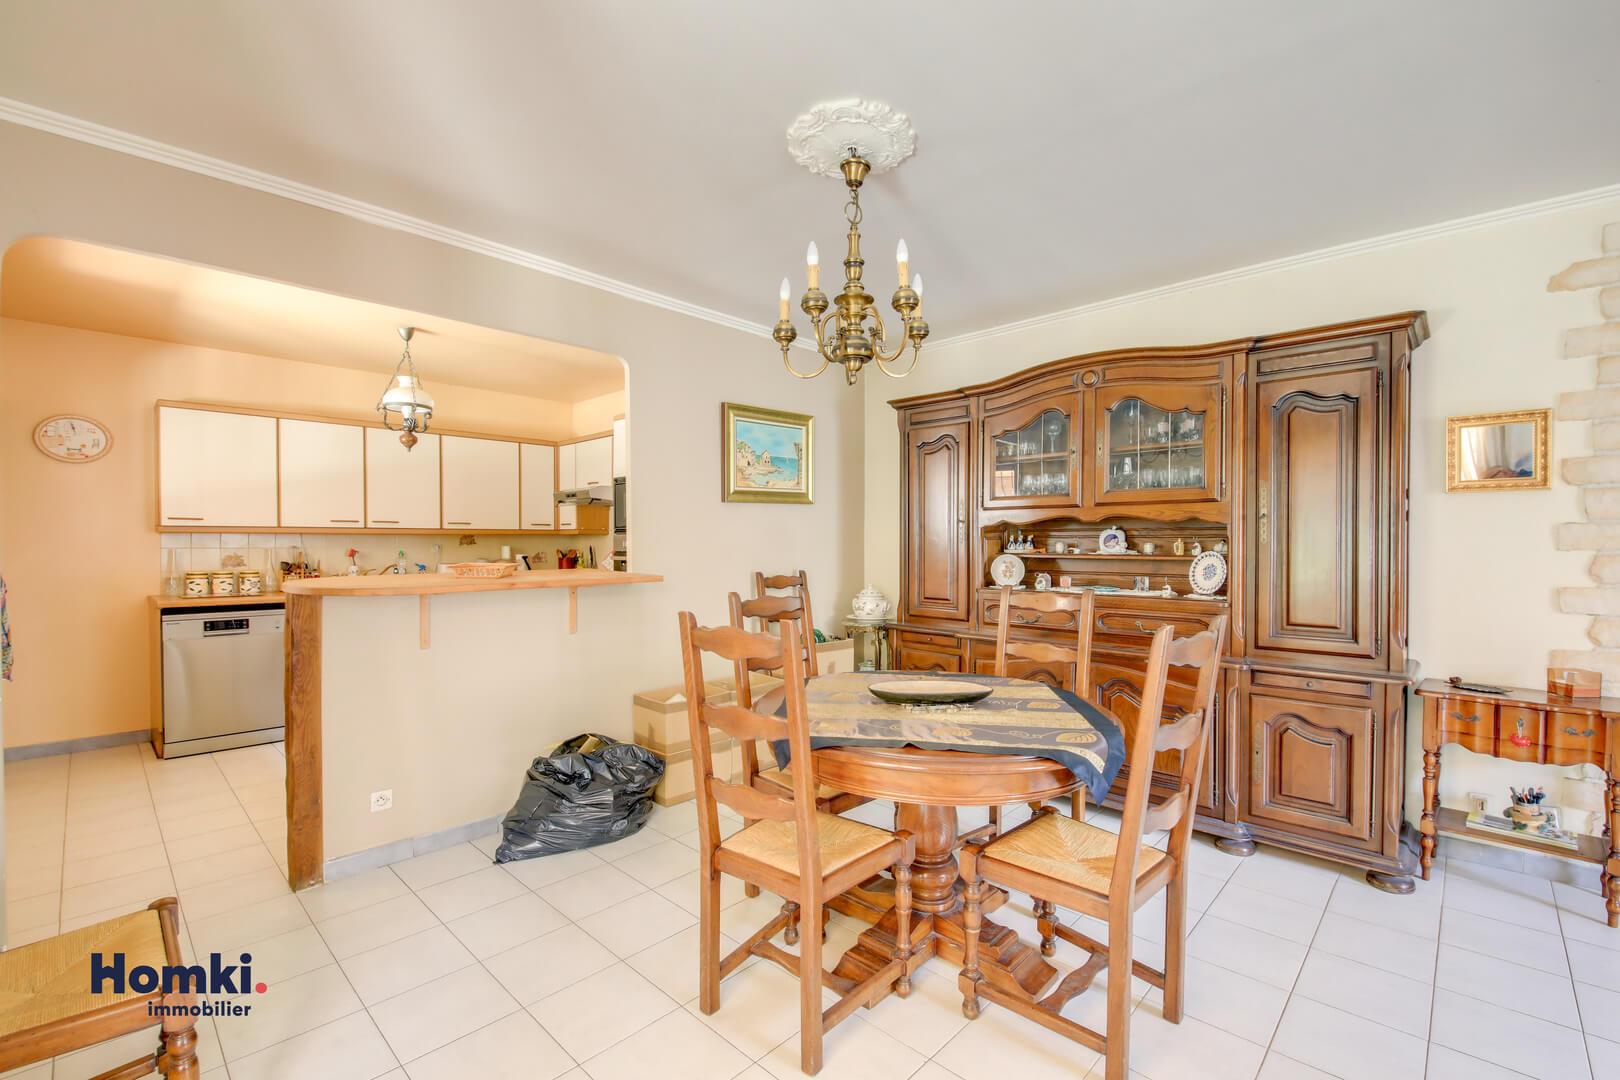 Vente maison villa Marseille Olives 13014 T6_7